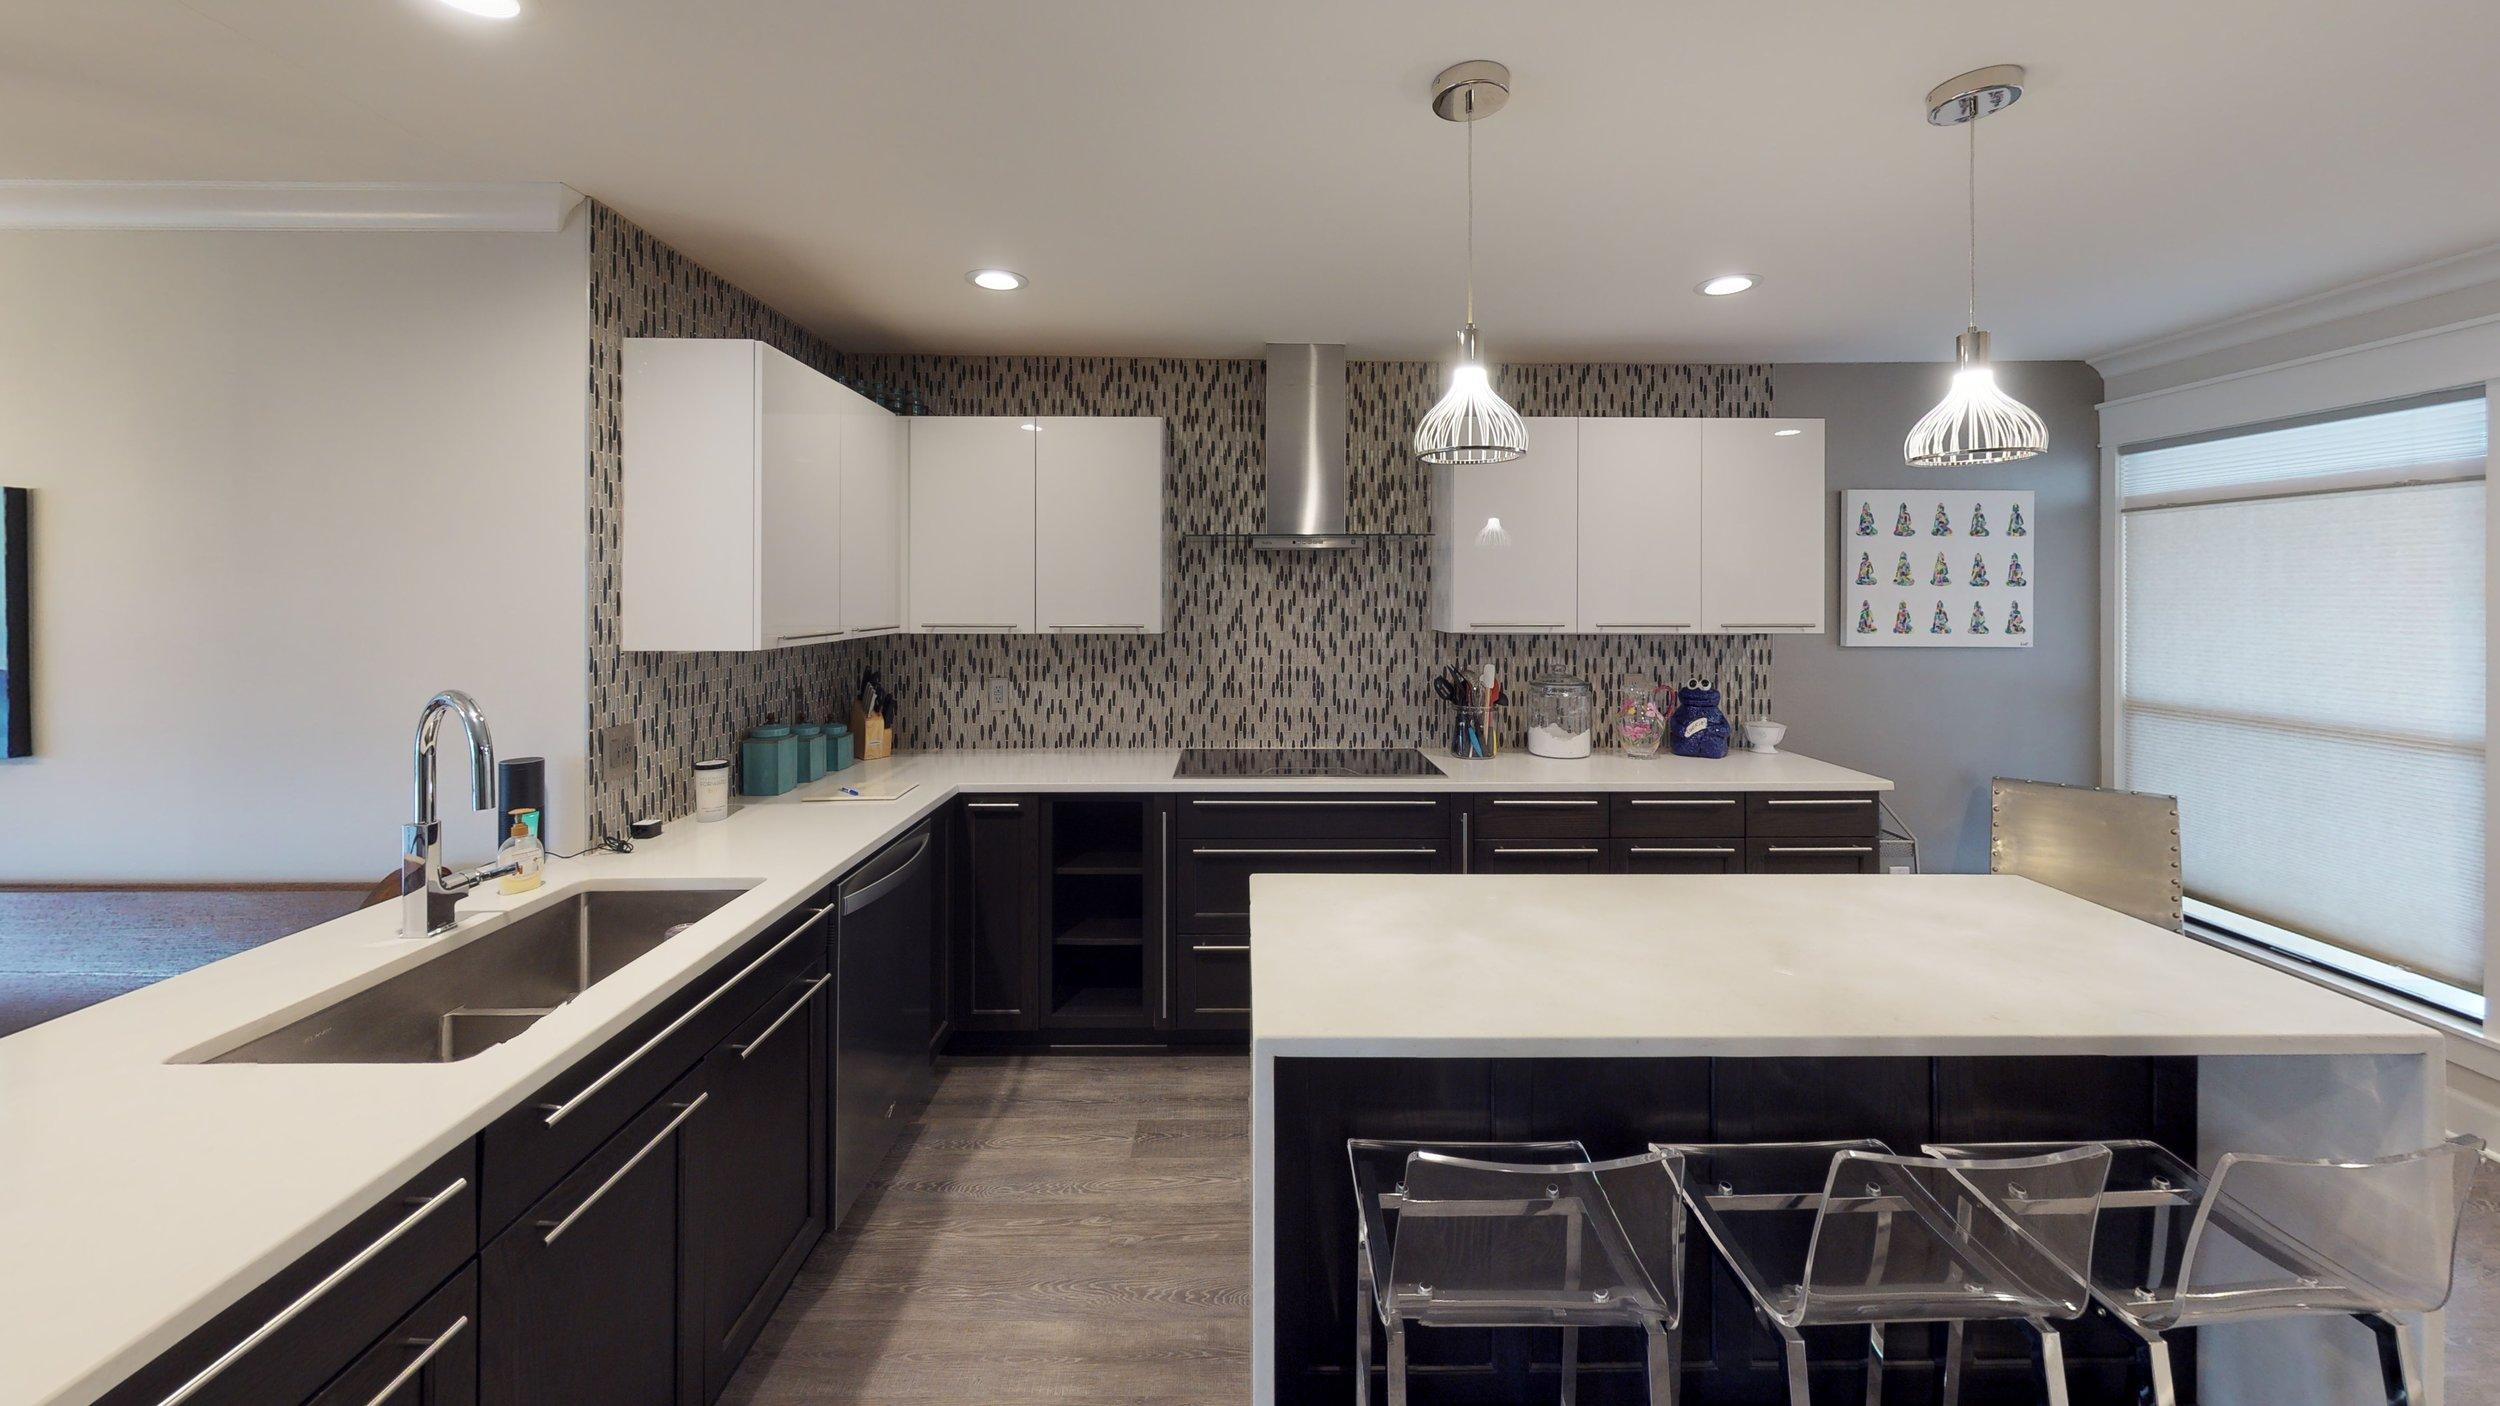 314-Caribe-Vista-Kitchen(1).jpg